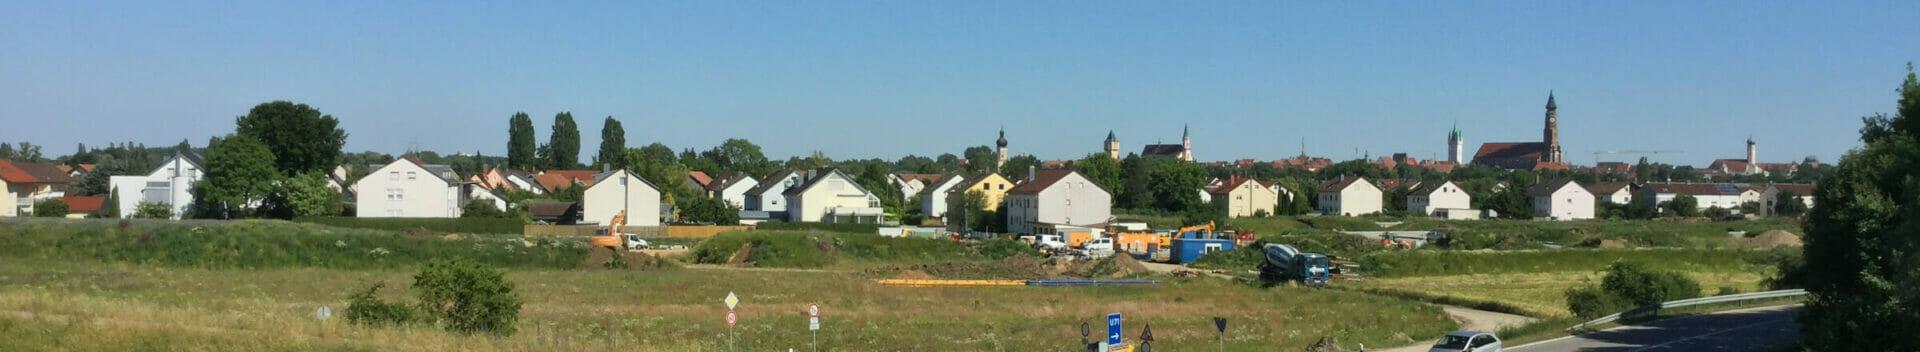 Straubing - Panorama - Donauradweg